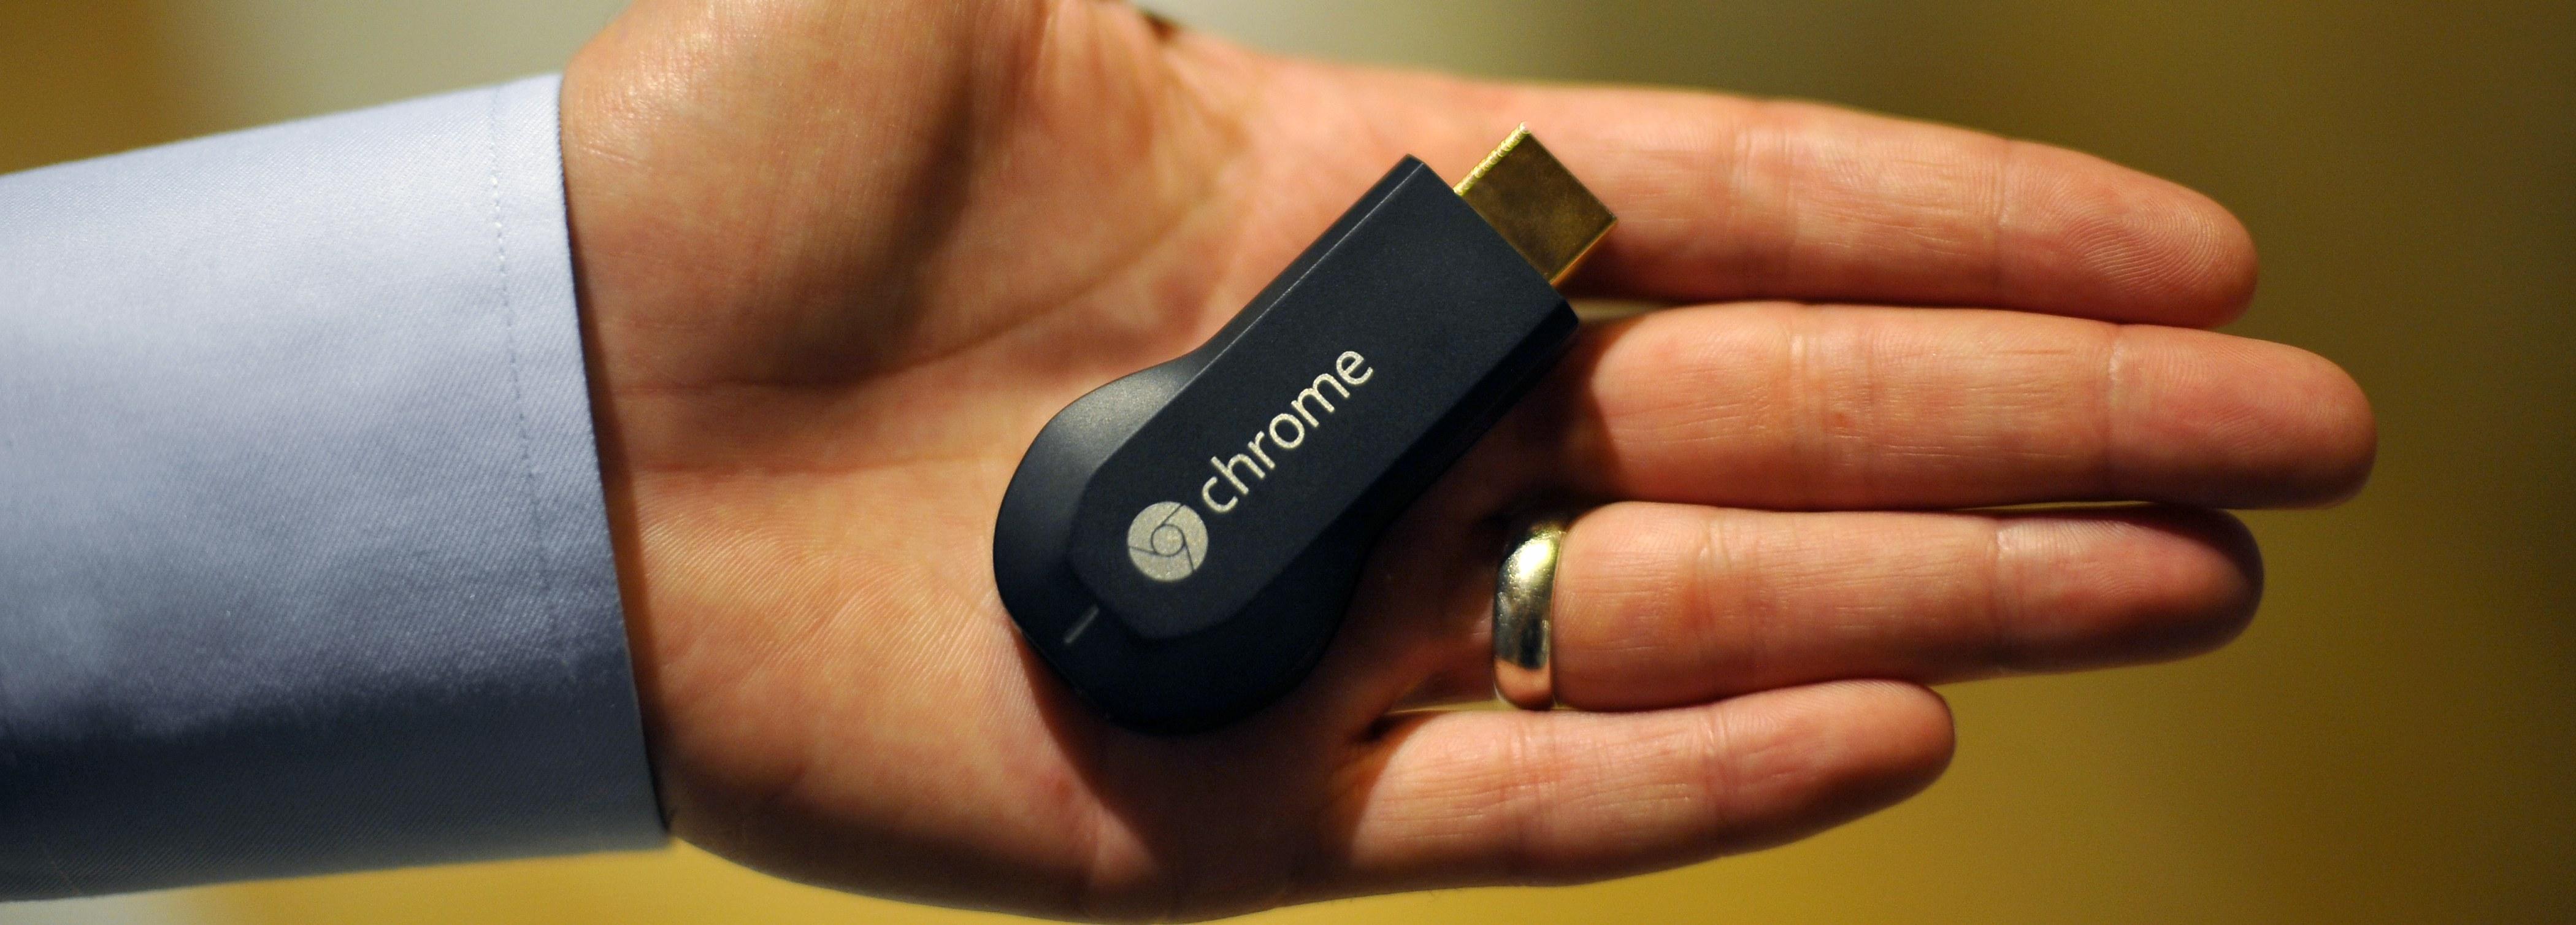 Best Chromecast Apps pour PC Windows téléchargement gratuit ...